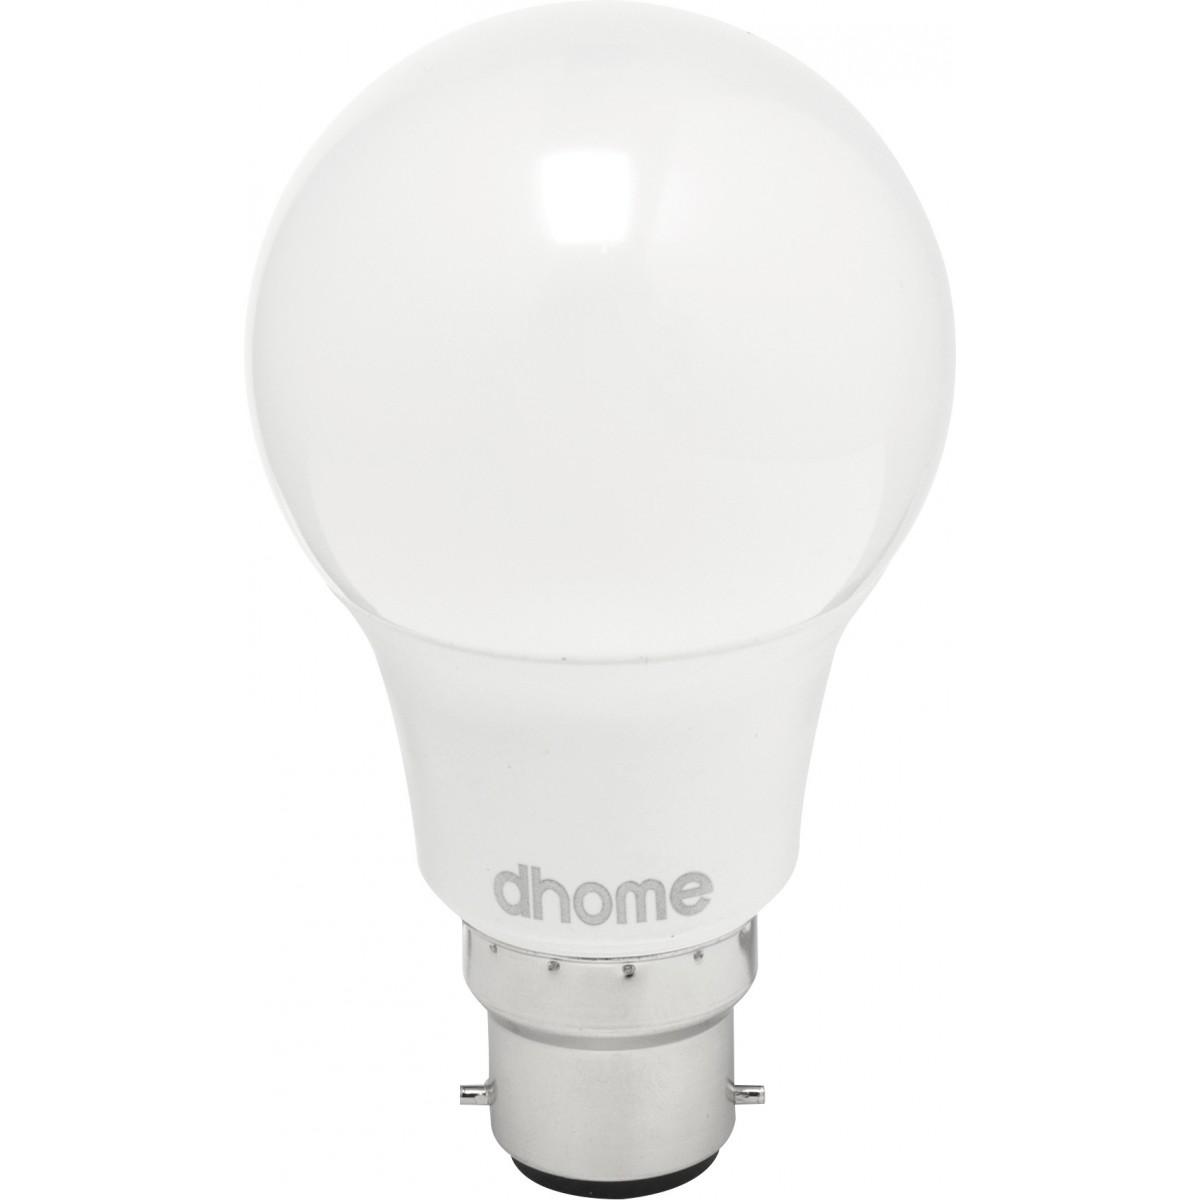 Ampoule LED standard B22 dhome - 806 Lumens - 8,5 W - 2700 K - Vendu par 10